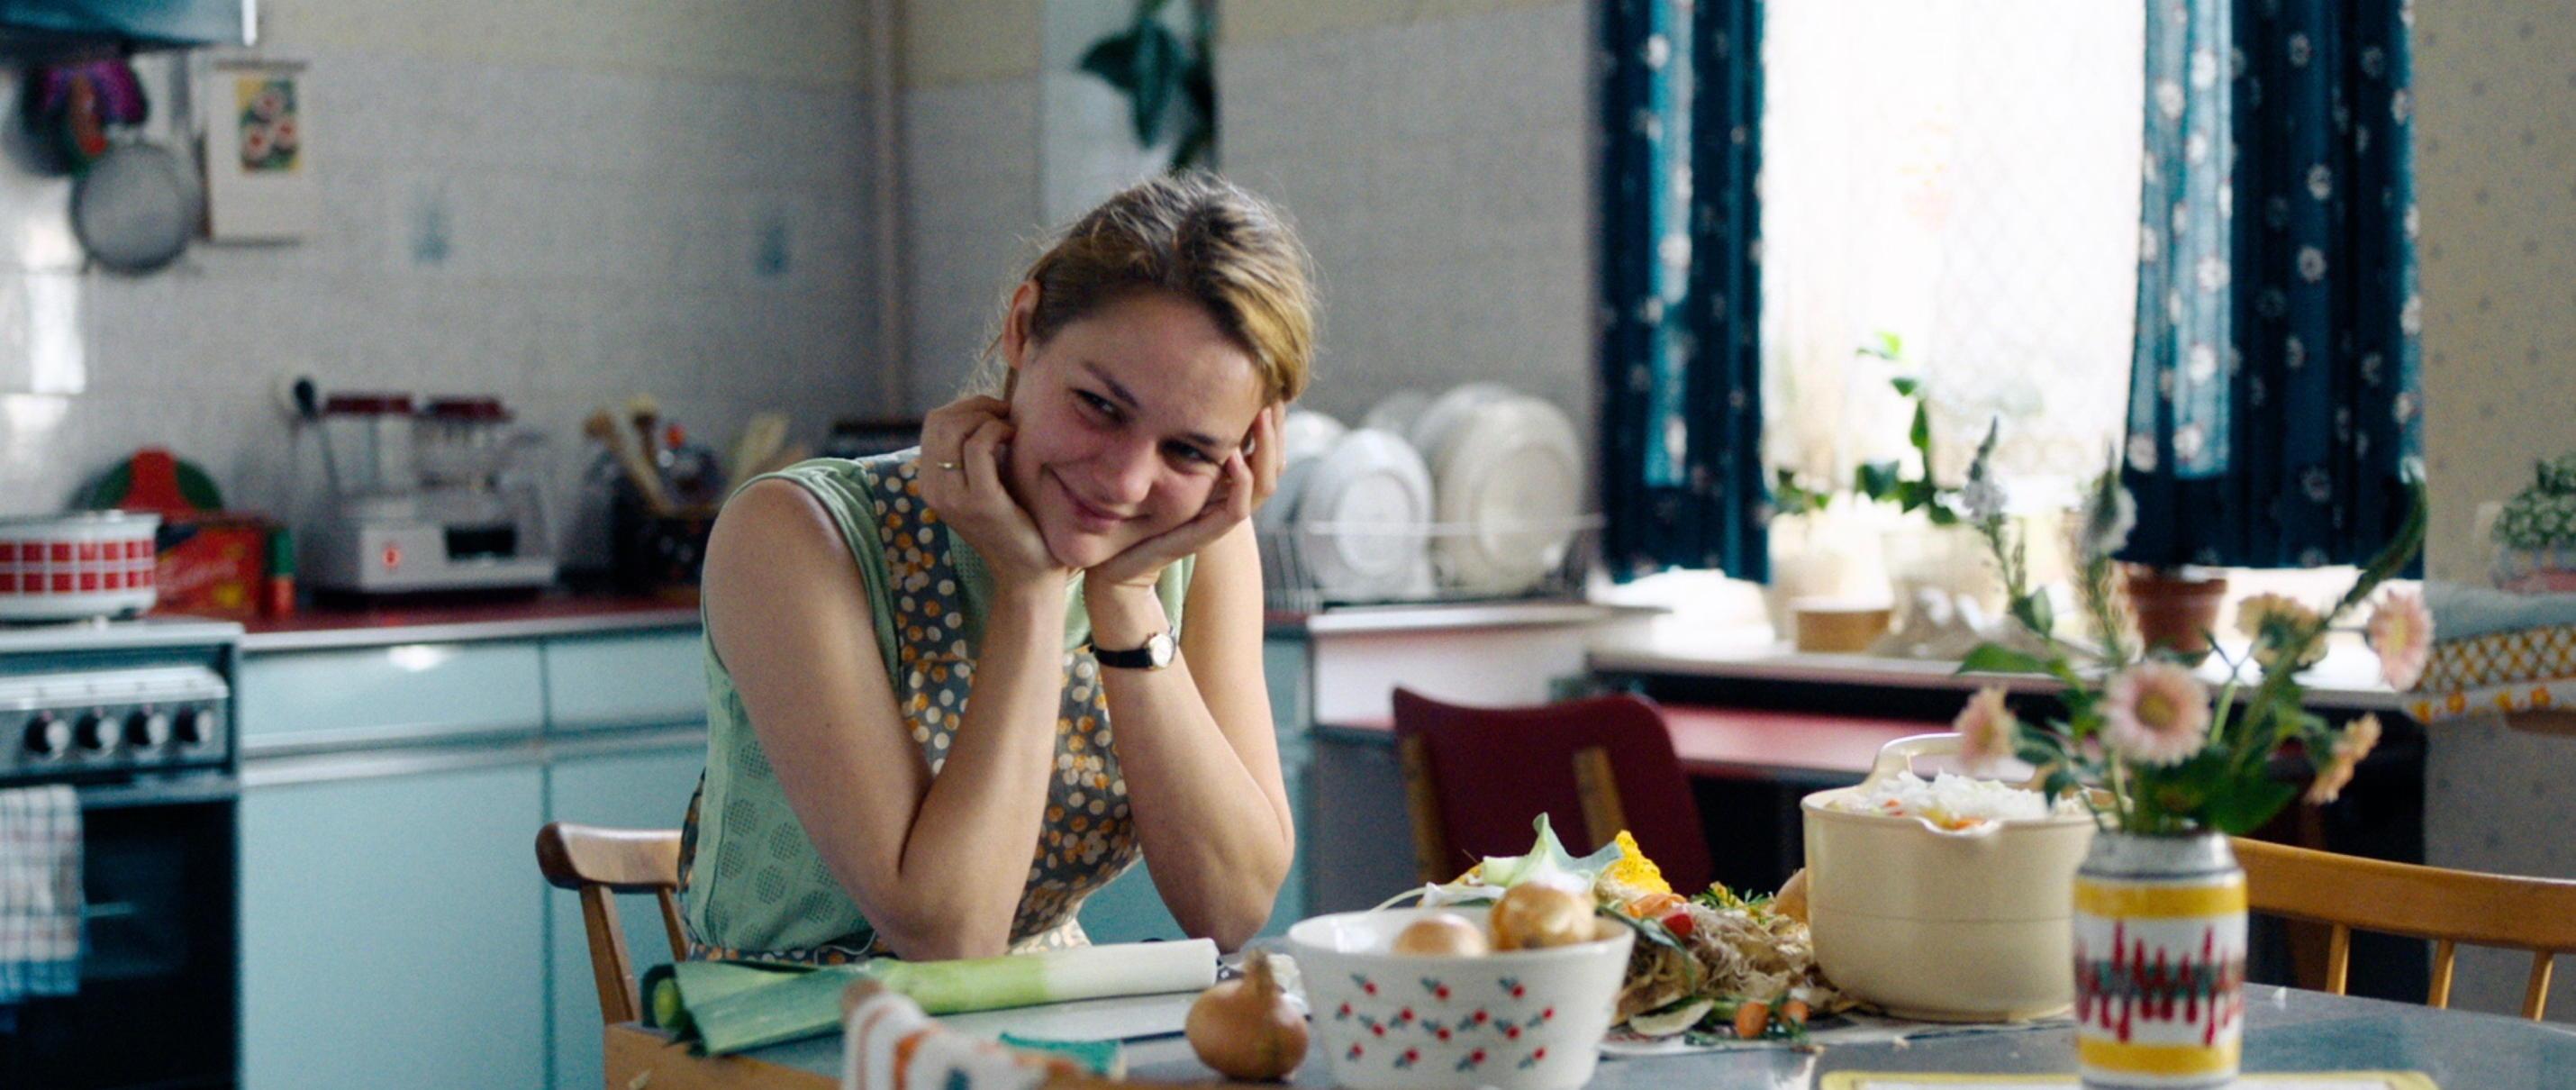 Der Junge muss an die frische Luft - all about me - Luise Heyer als Hapes depressive Mutter Margret - Regie Caroline Link - Kamera Judith Kaufmann